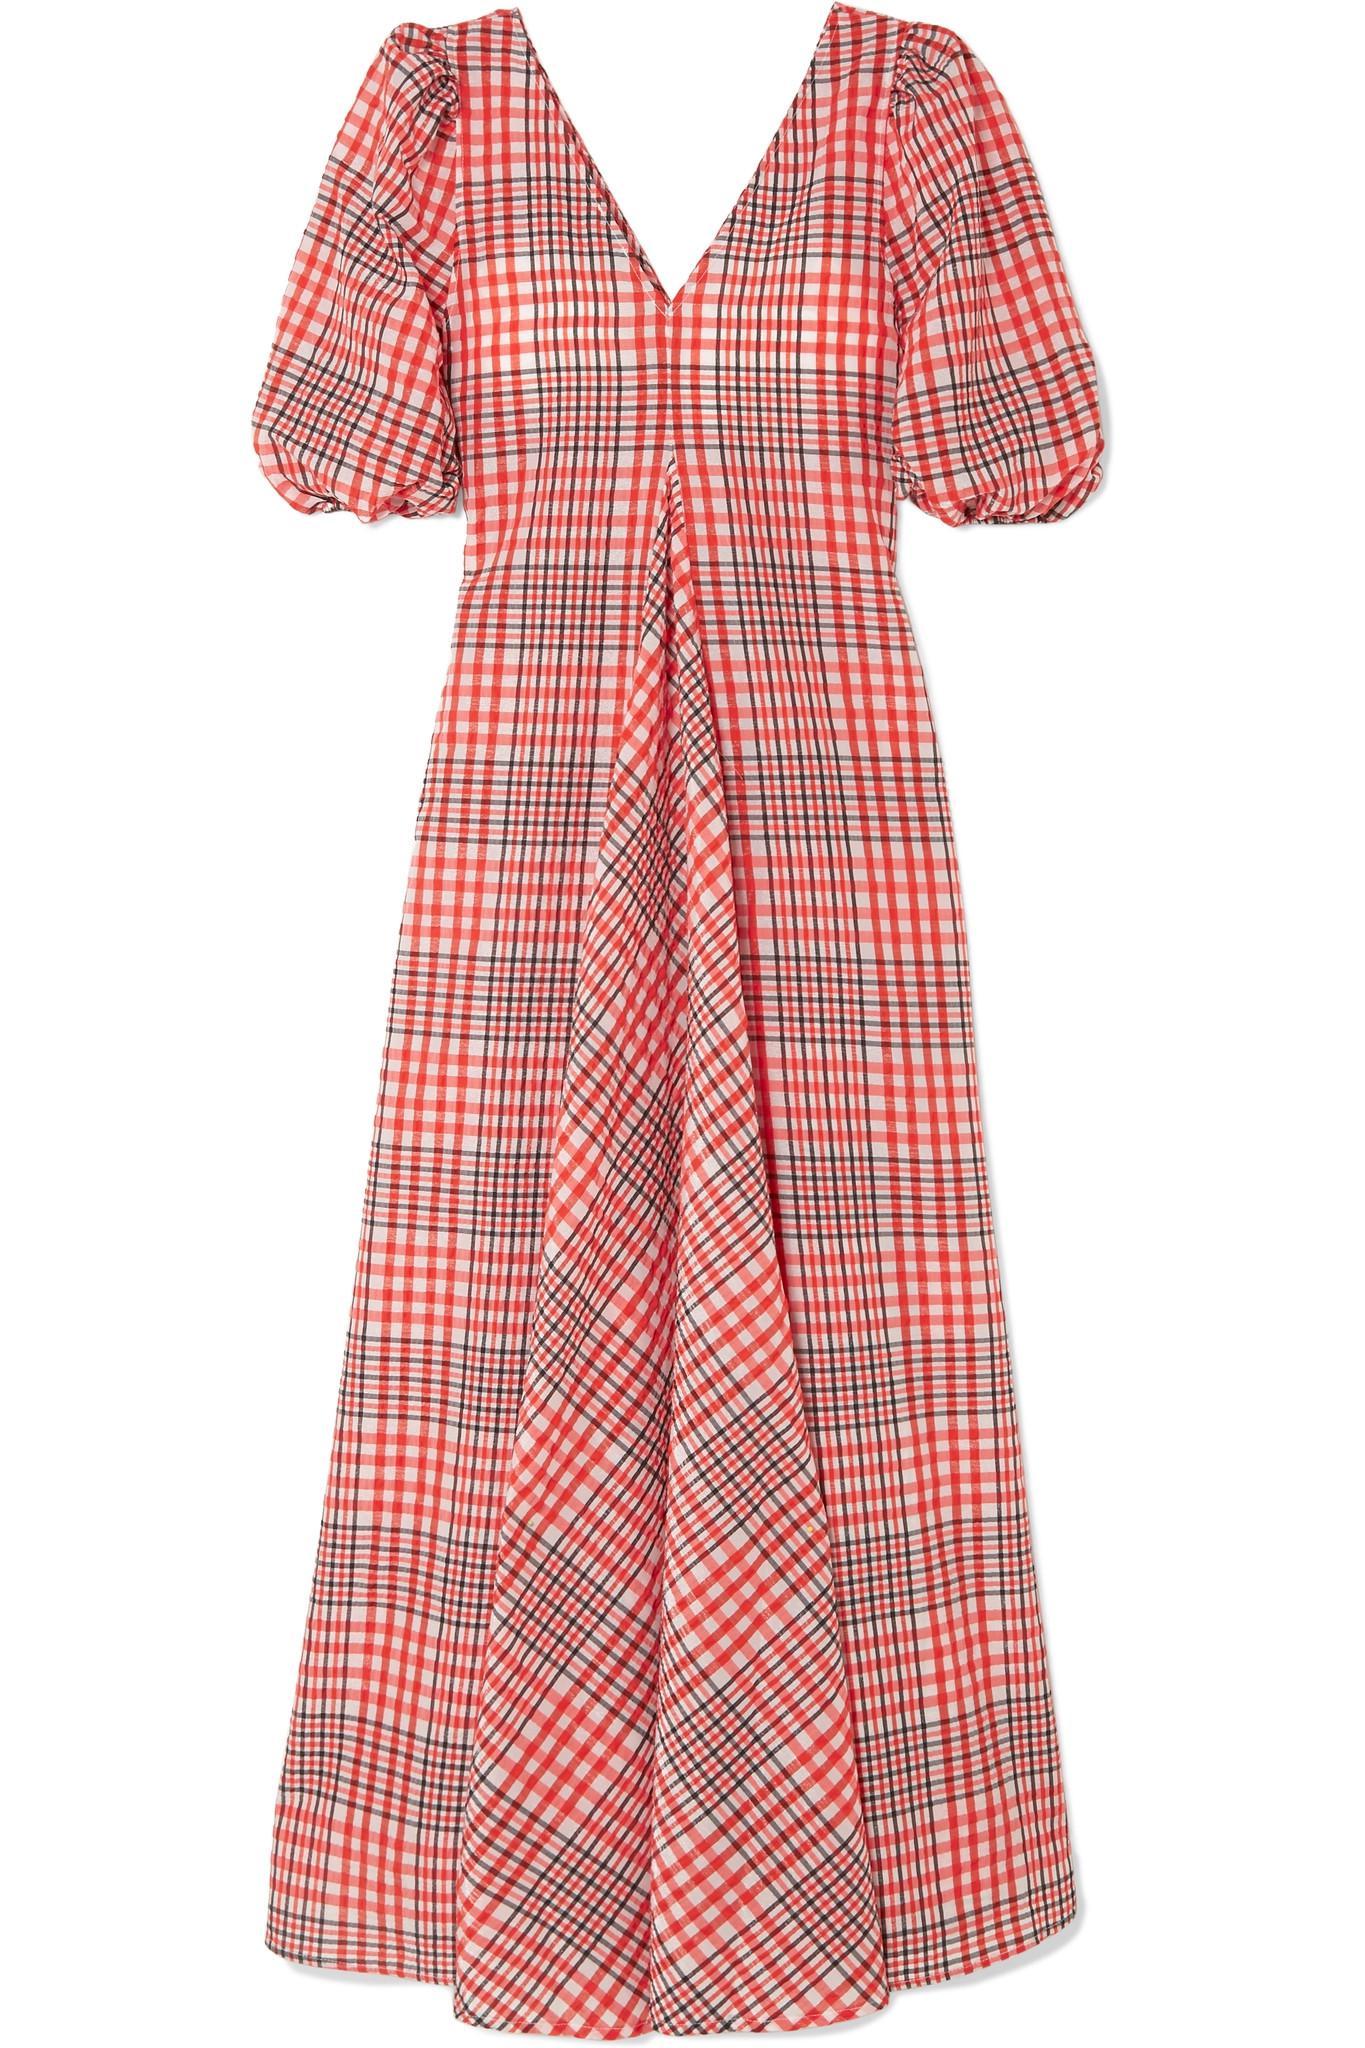 e21e3deb8618e Ganni Checked Cotton-blend Seersucker Maxi Dress in Red - Lyst